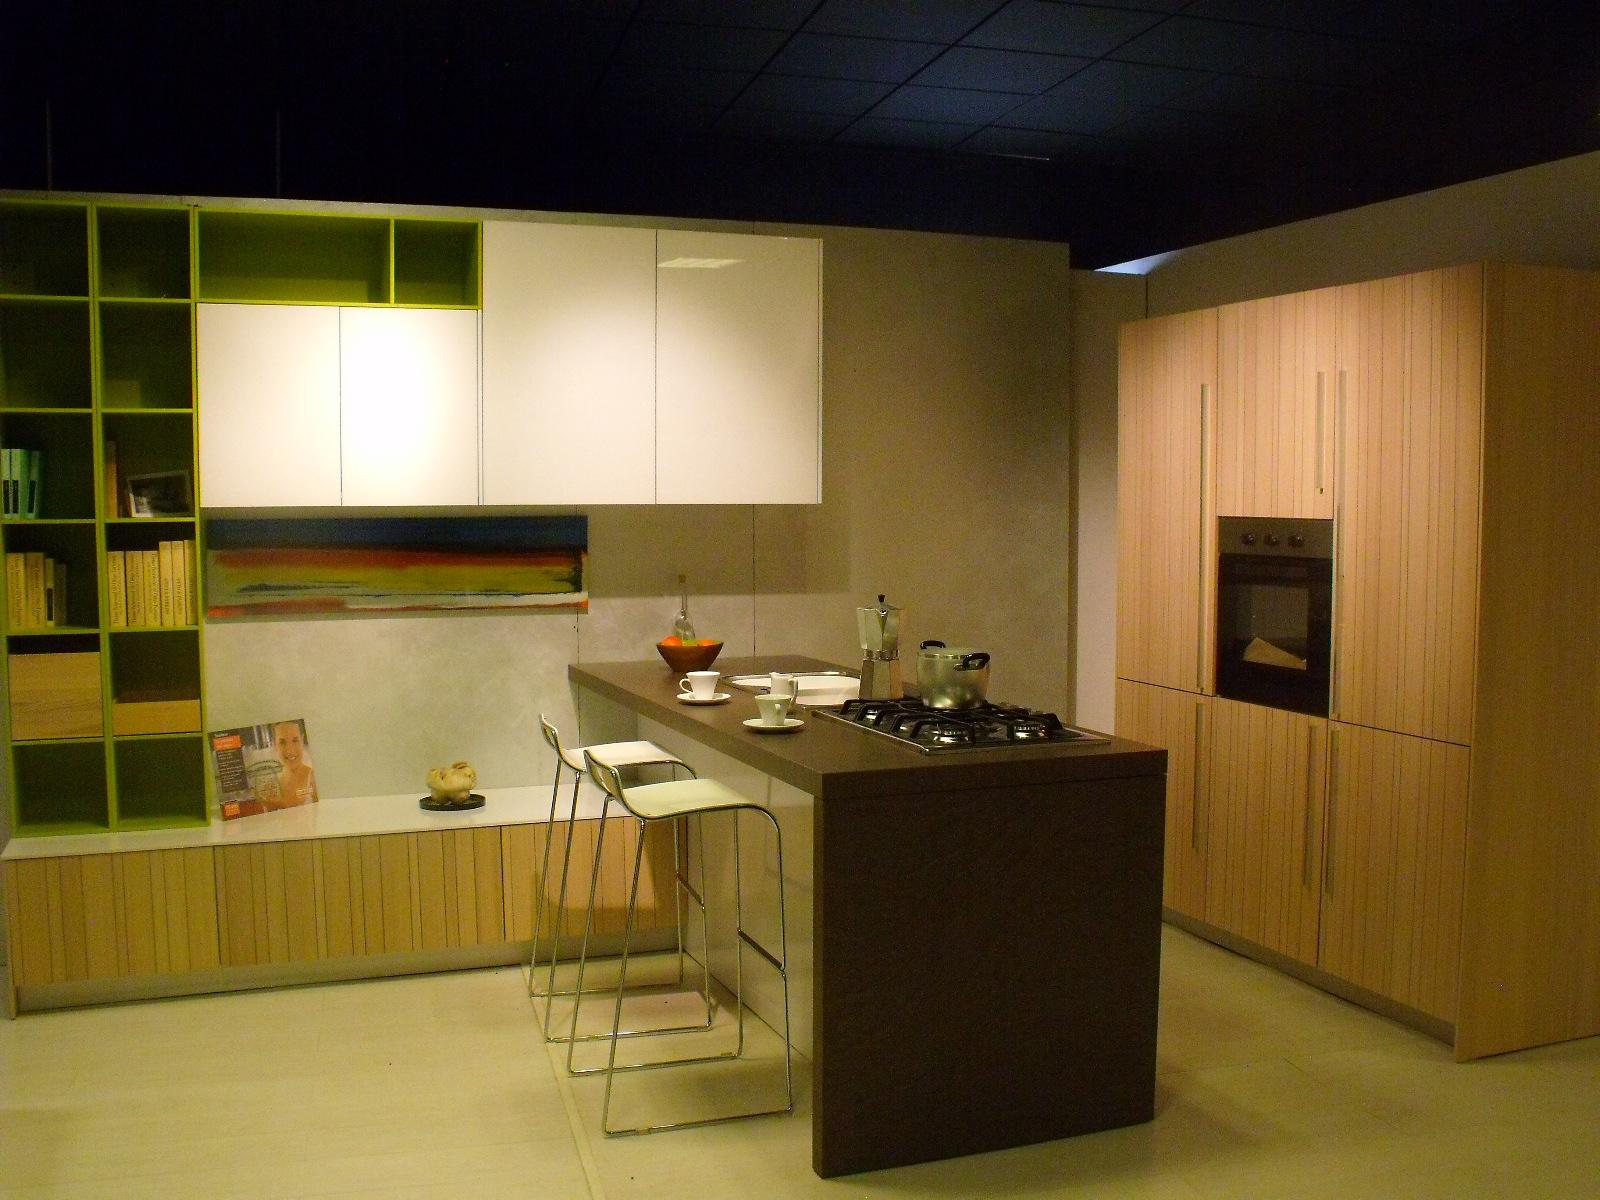 Isola cucina legno creativo - Prezzi cucine snaidero ...